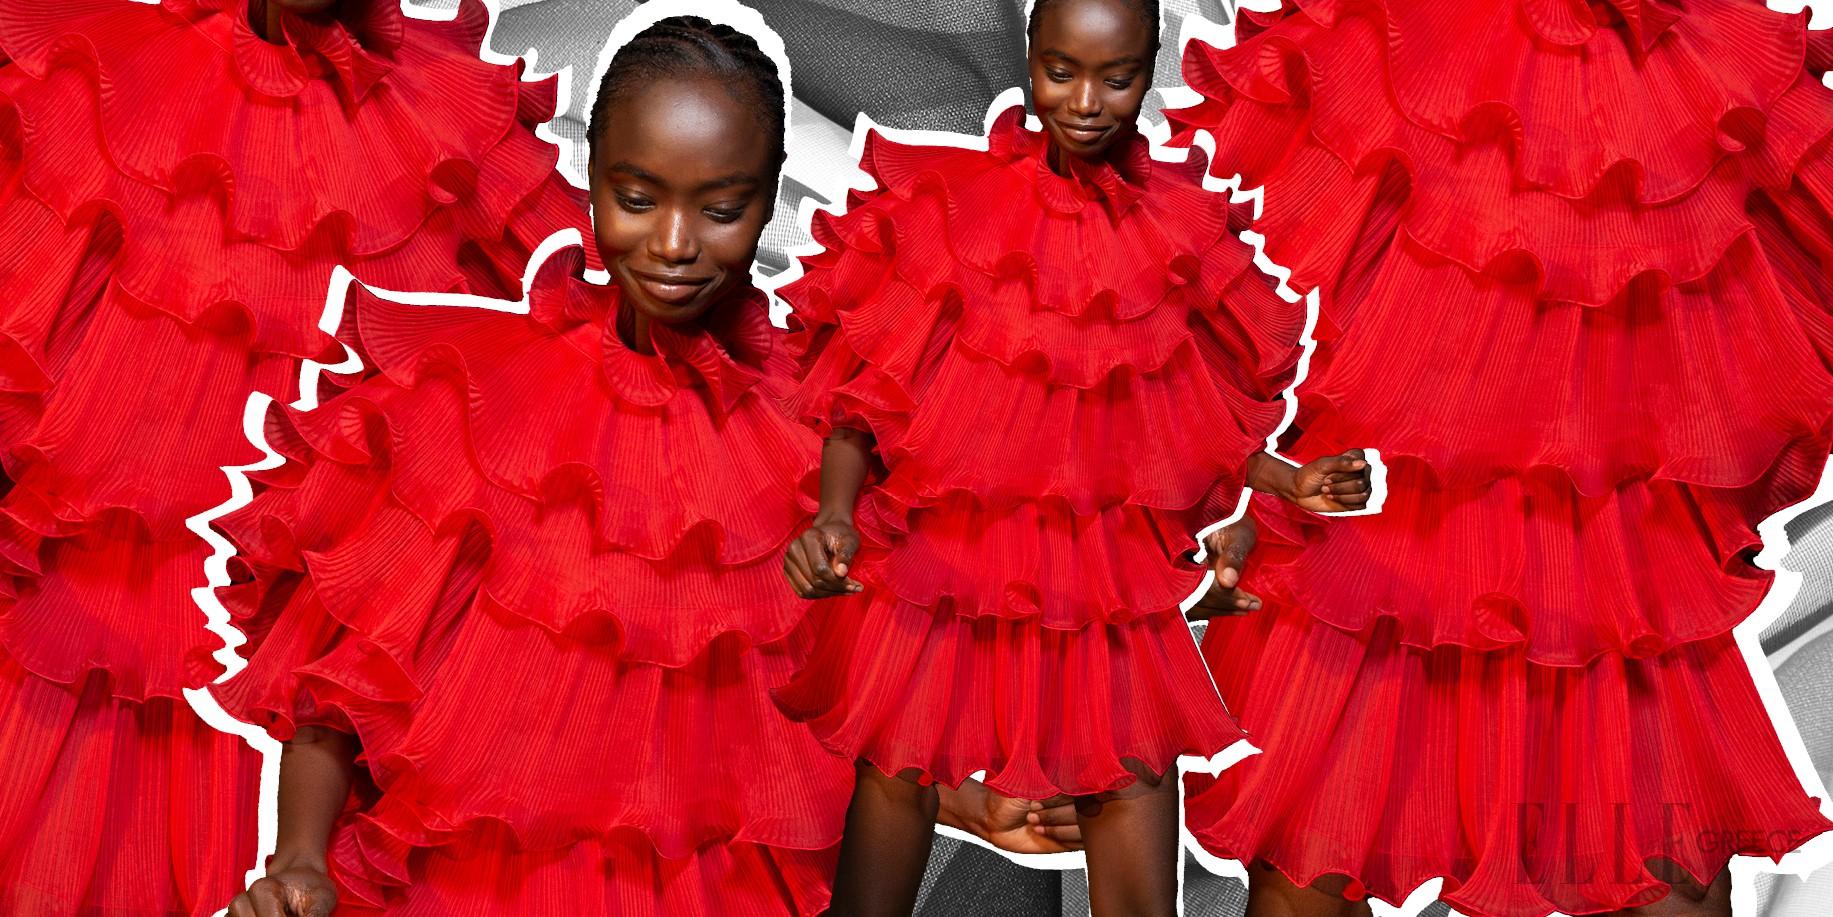 Οι τάσεις του 2020 που θα φορέσεις και το 2021 Αυτά τα fashion trends, πήραν το εισιτήριο και για την επόμενη χρονιά, οπότε έχουν σημαντικό ρόλο στη γκαρνταρόμπα σου.